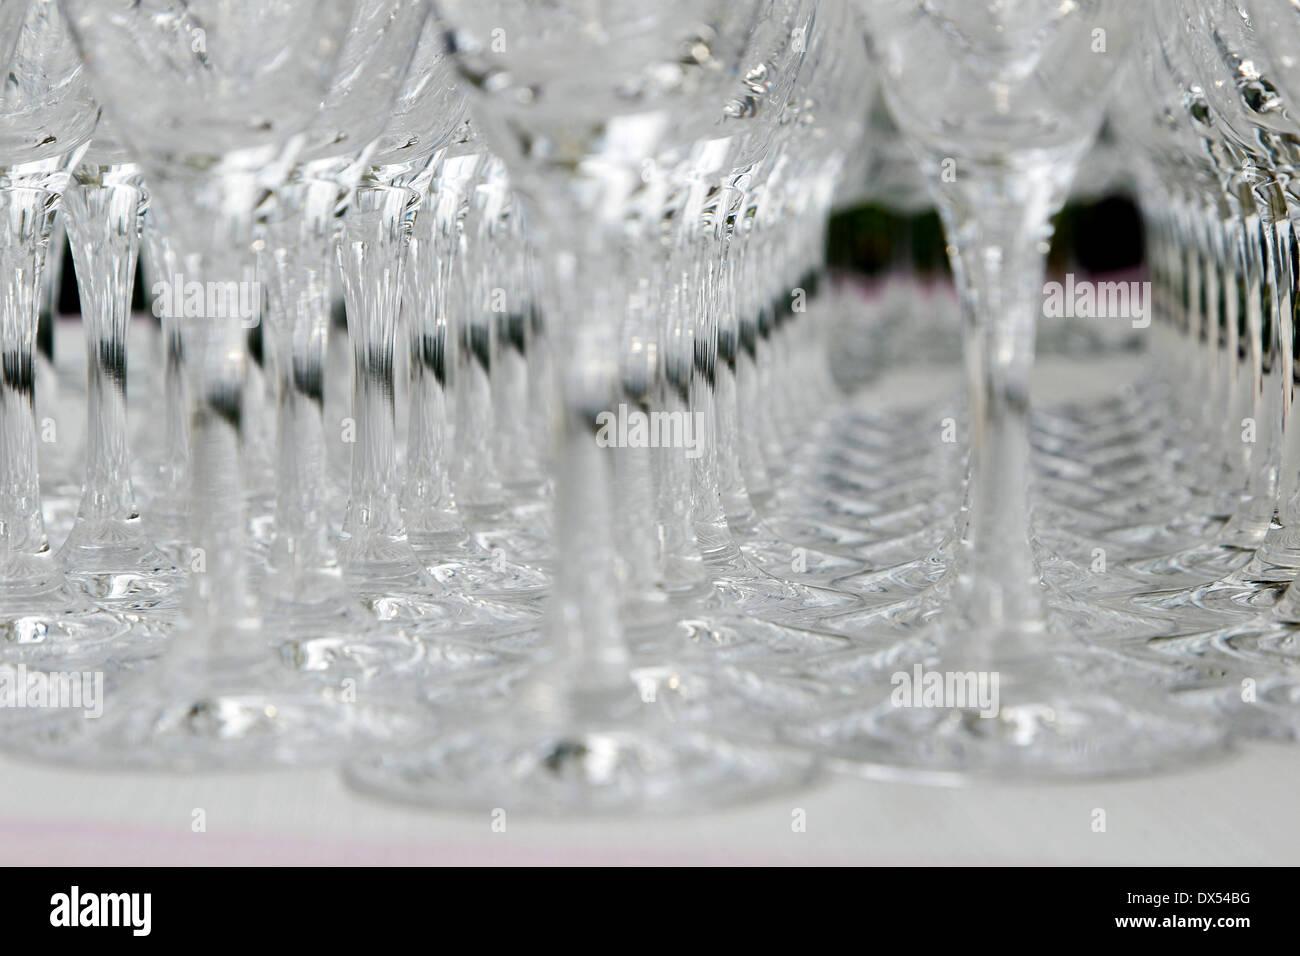 Verres à vin alignés sur une table Photo Stock